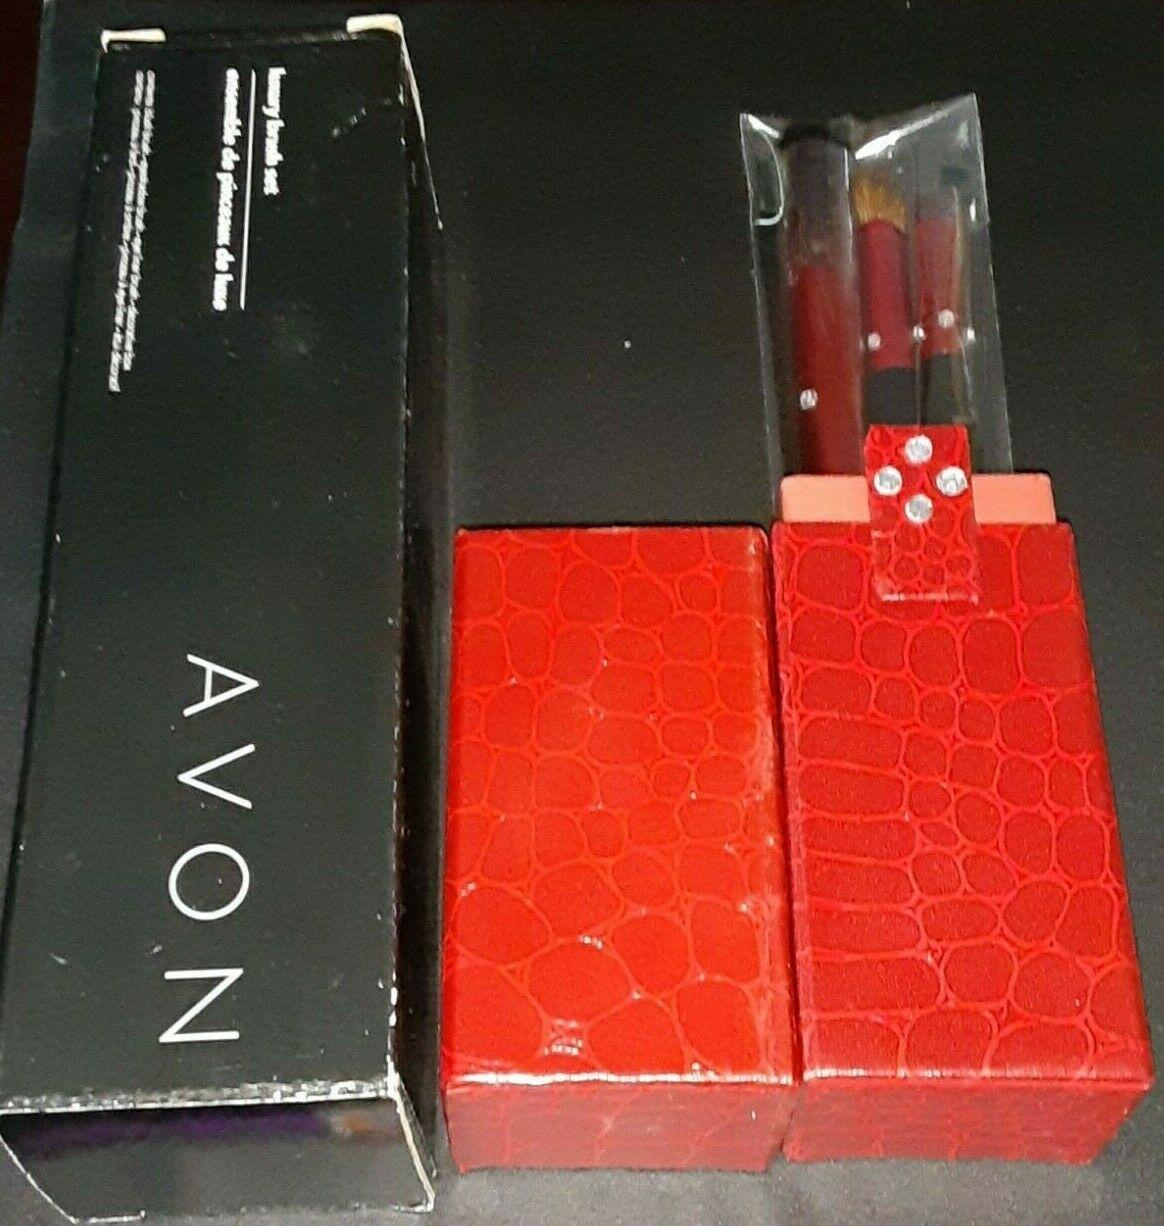 Avon Luxury Brush Set - $2.96